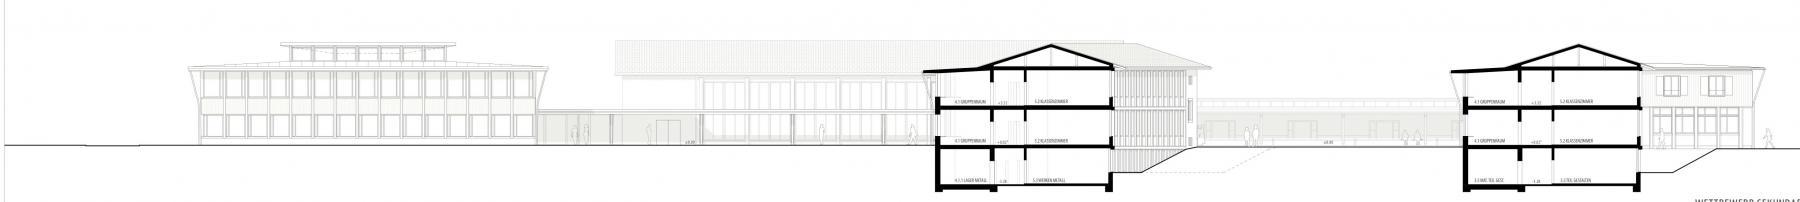 Siegerprojekt Sequel von Back Architekten, Südwestfassade (Plan: Projektverfassende)